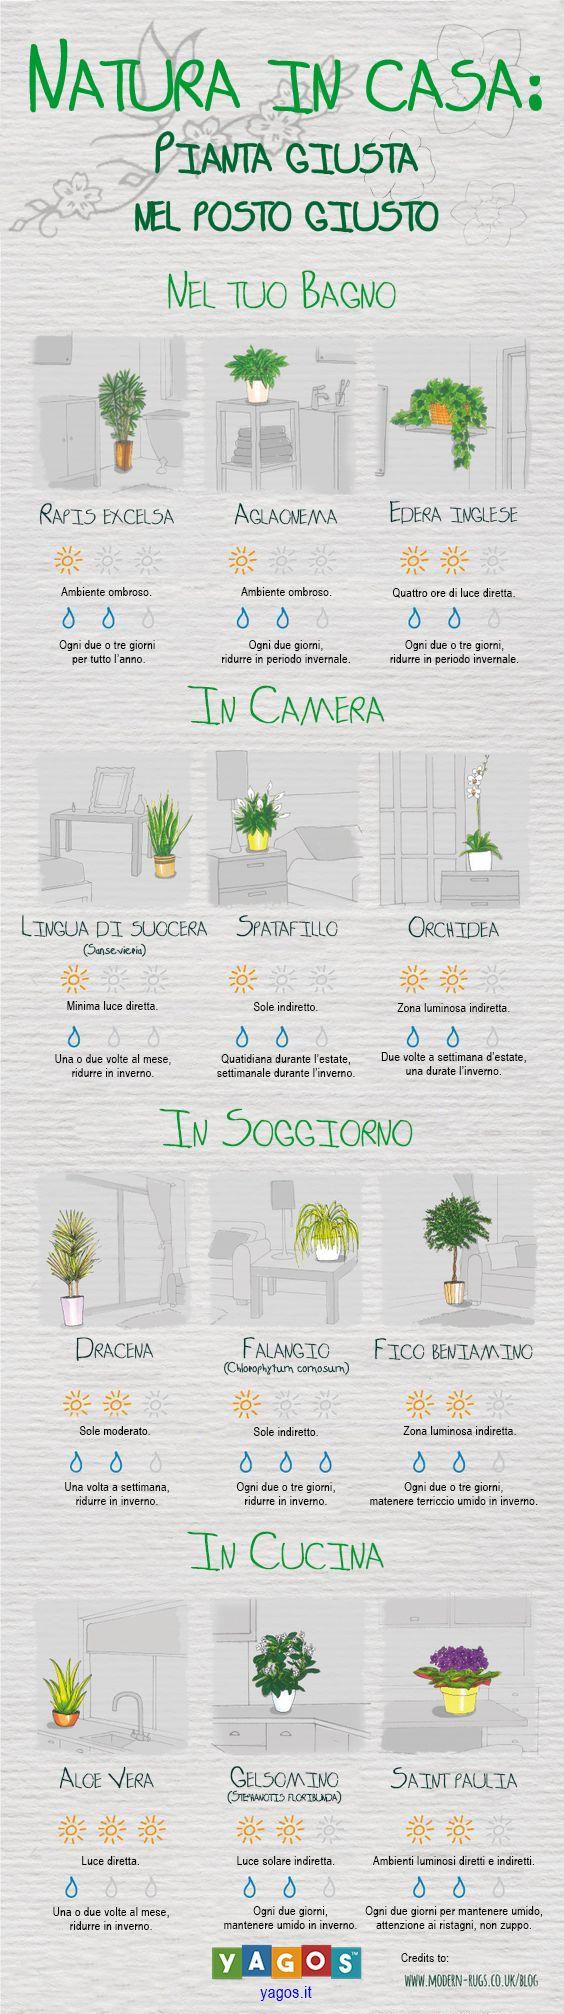 Scopri quale pianta è più adatta ai tuoi ambienti di casa.